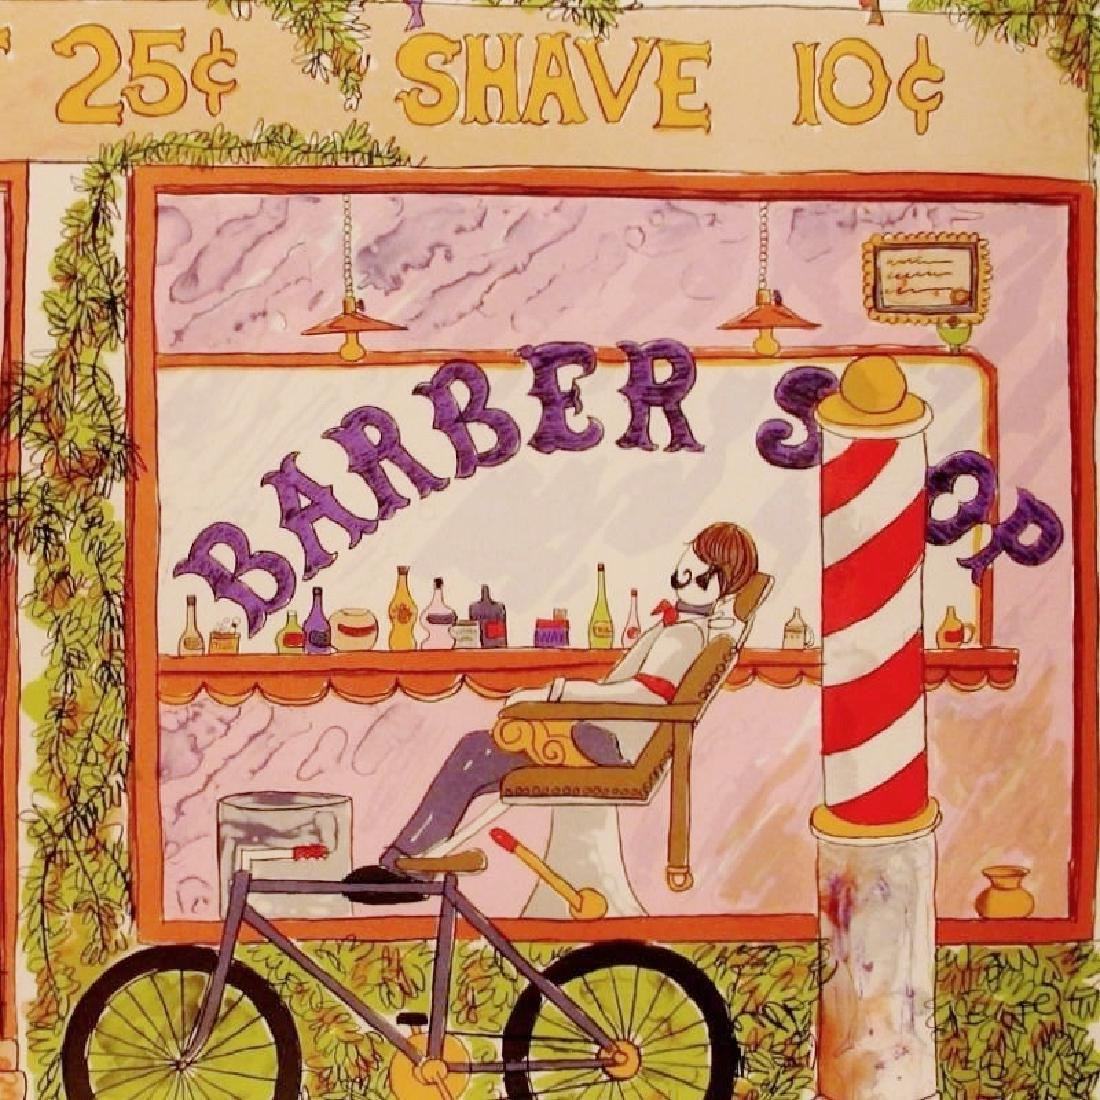 Barber Shop Nostalgia Art Ltd Ed Signed Sale - 4